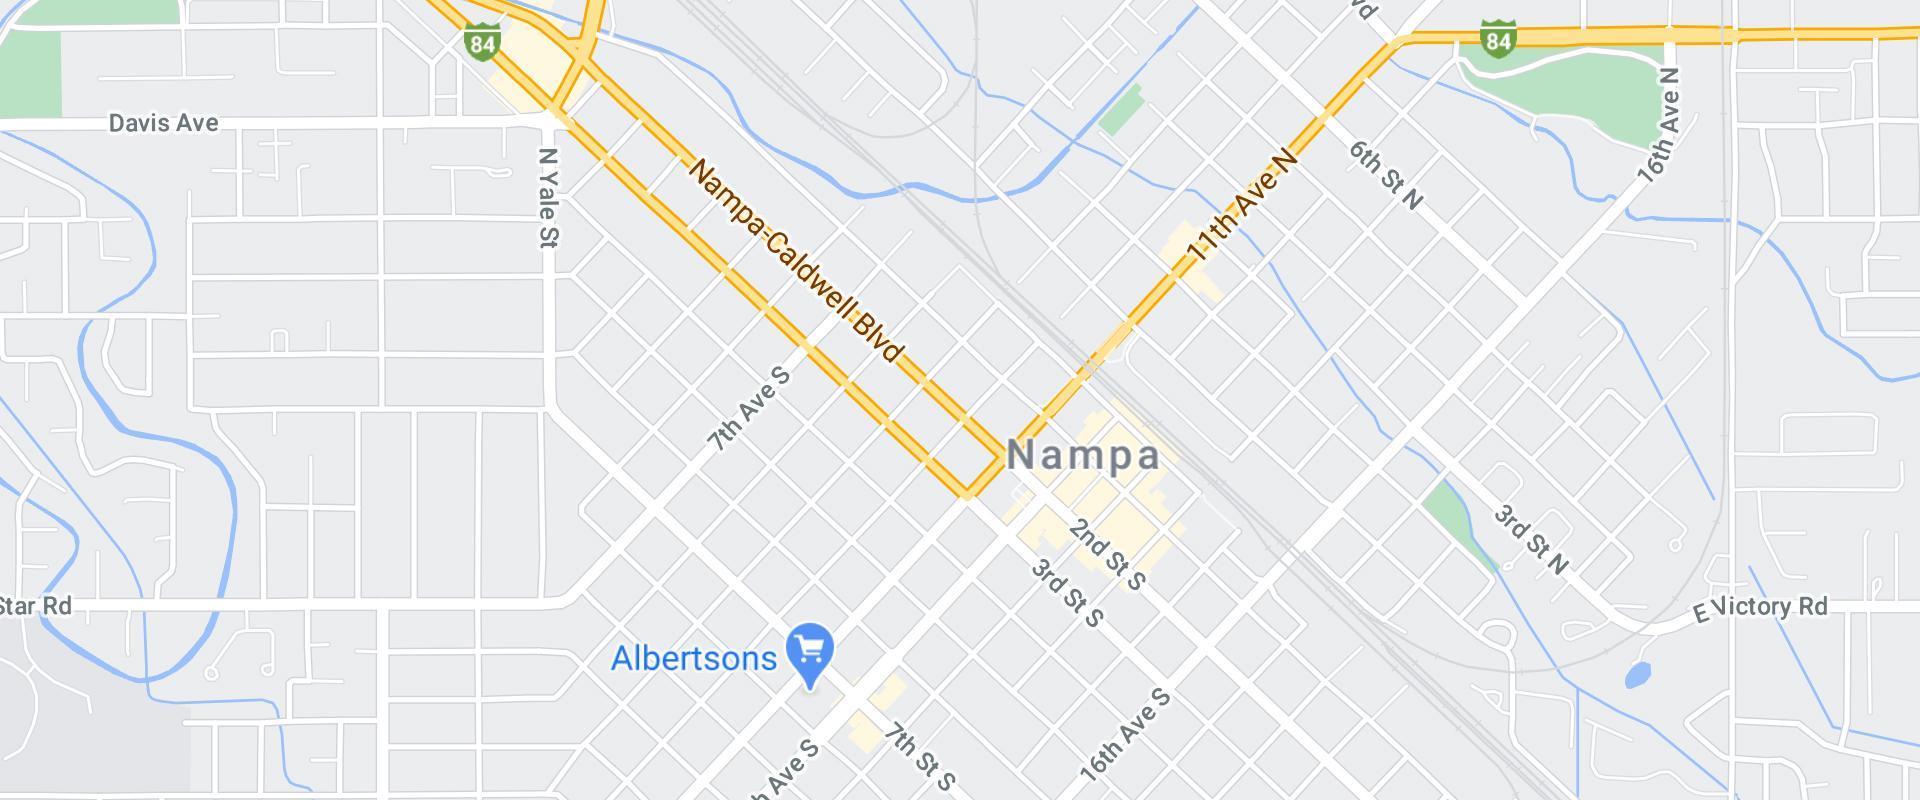 map of nampa idaho